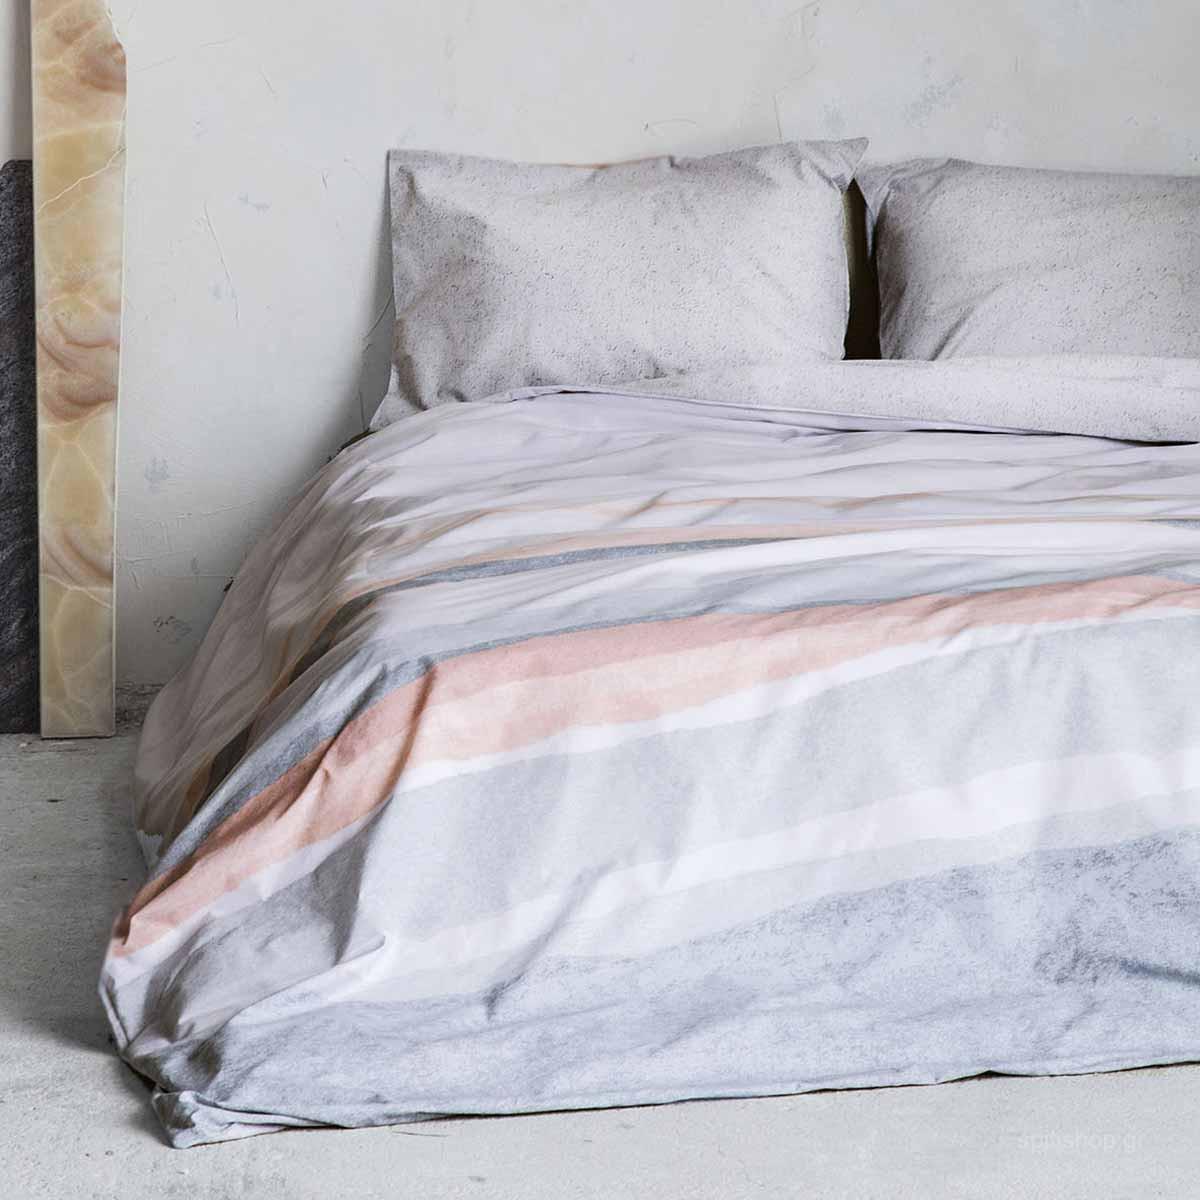 Σεντόνια Υπέρδιπλα (Σετ) Nima Bed Linen Antissamos Grey ΧΩΡΙΣ ΛΑΣΤΙΧΟ ΧΩΡΙΣ ΛΑΣΤΙΧΟ